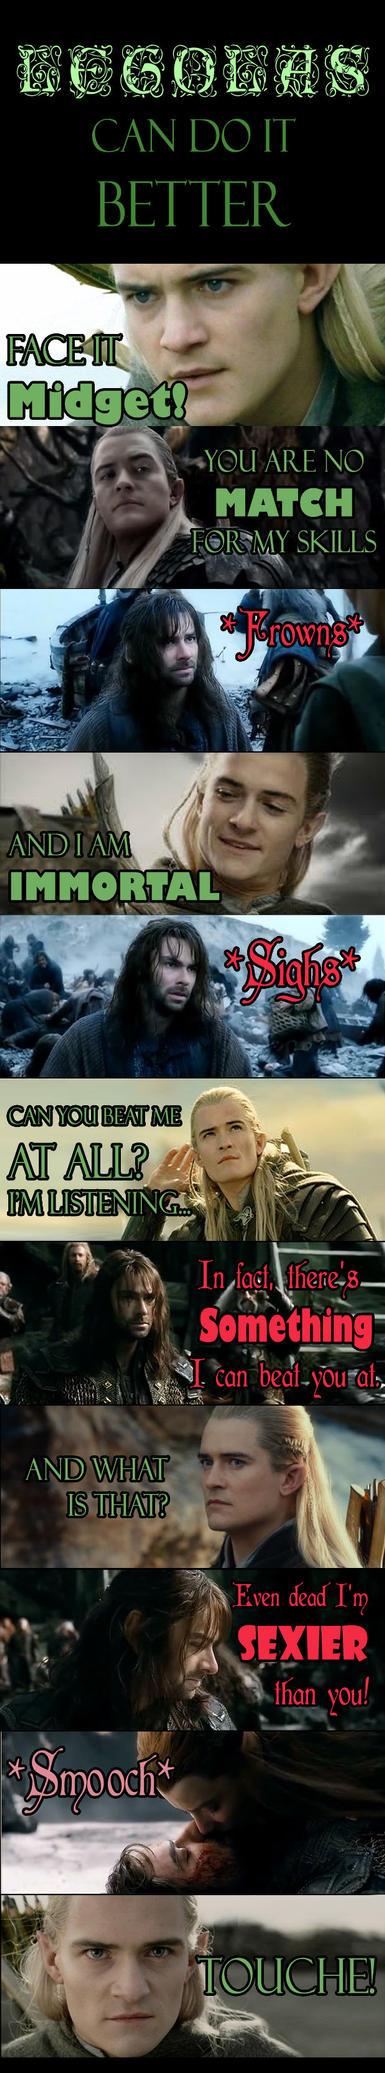 Legolas can do it better... Maybe? by Faerietopia